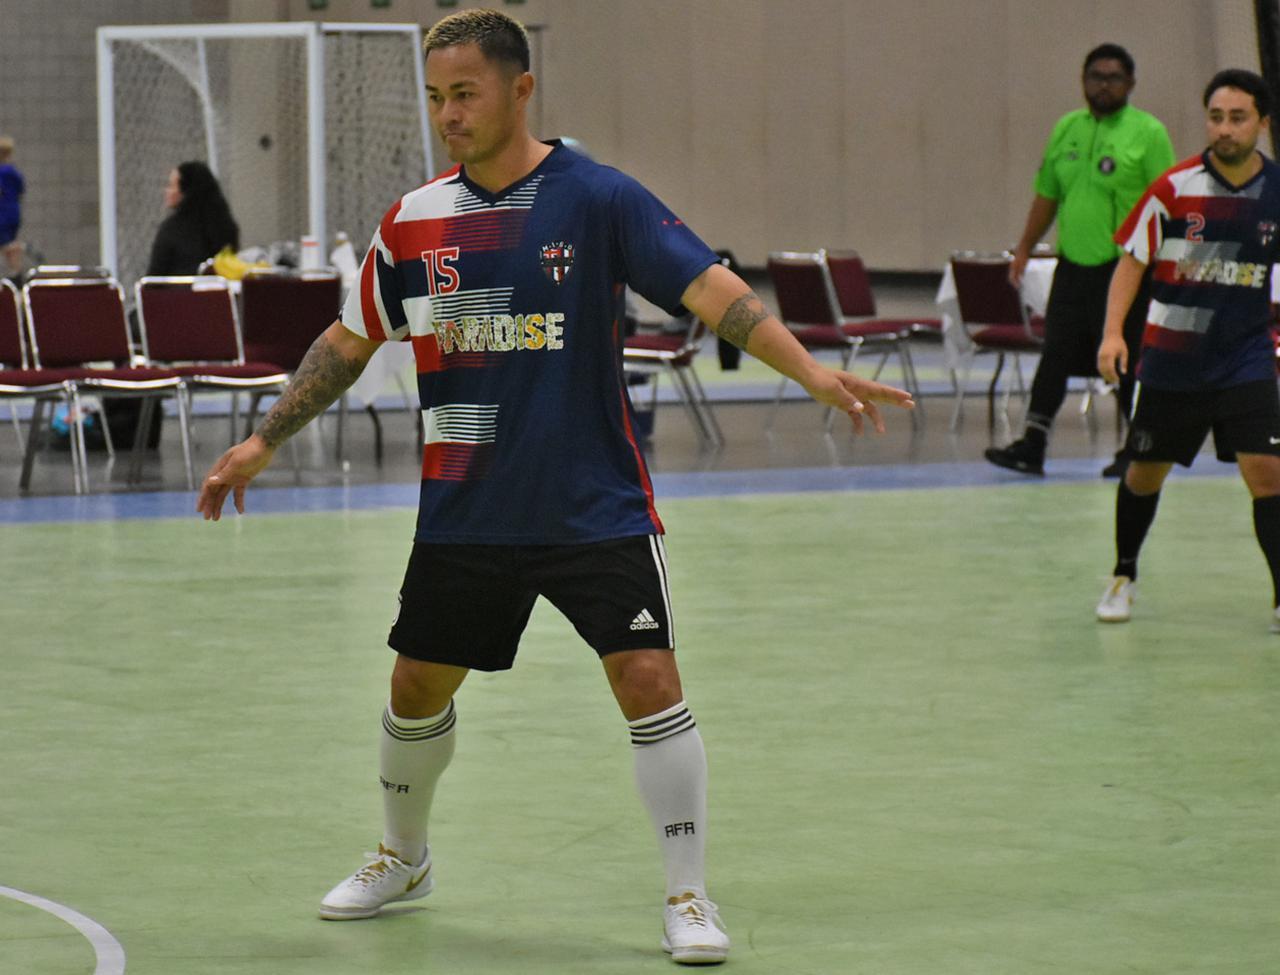 画像: アメリカでプロサッカー選手の経験もあるマジェール